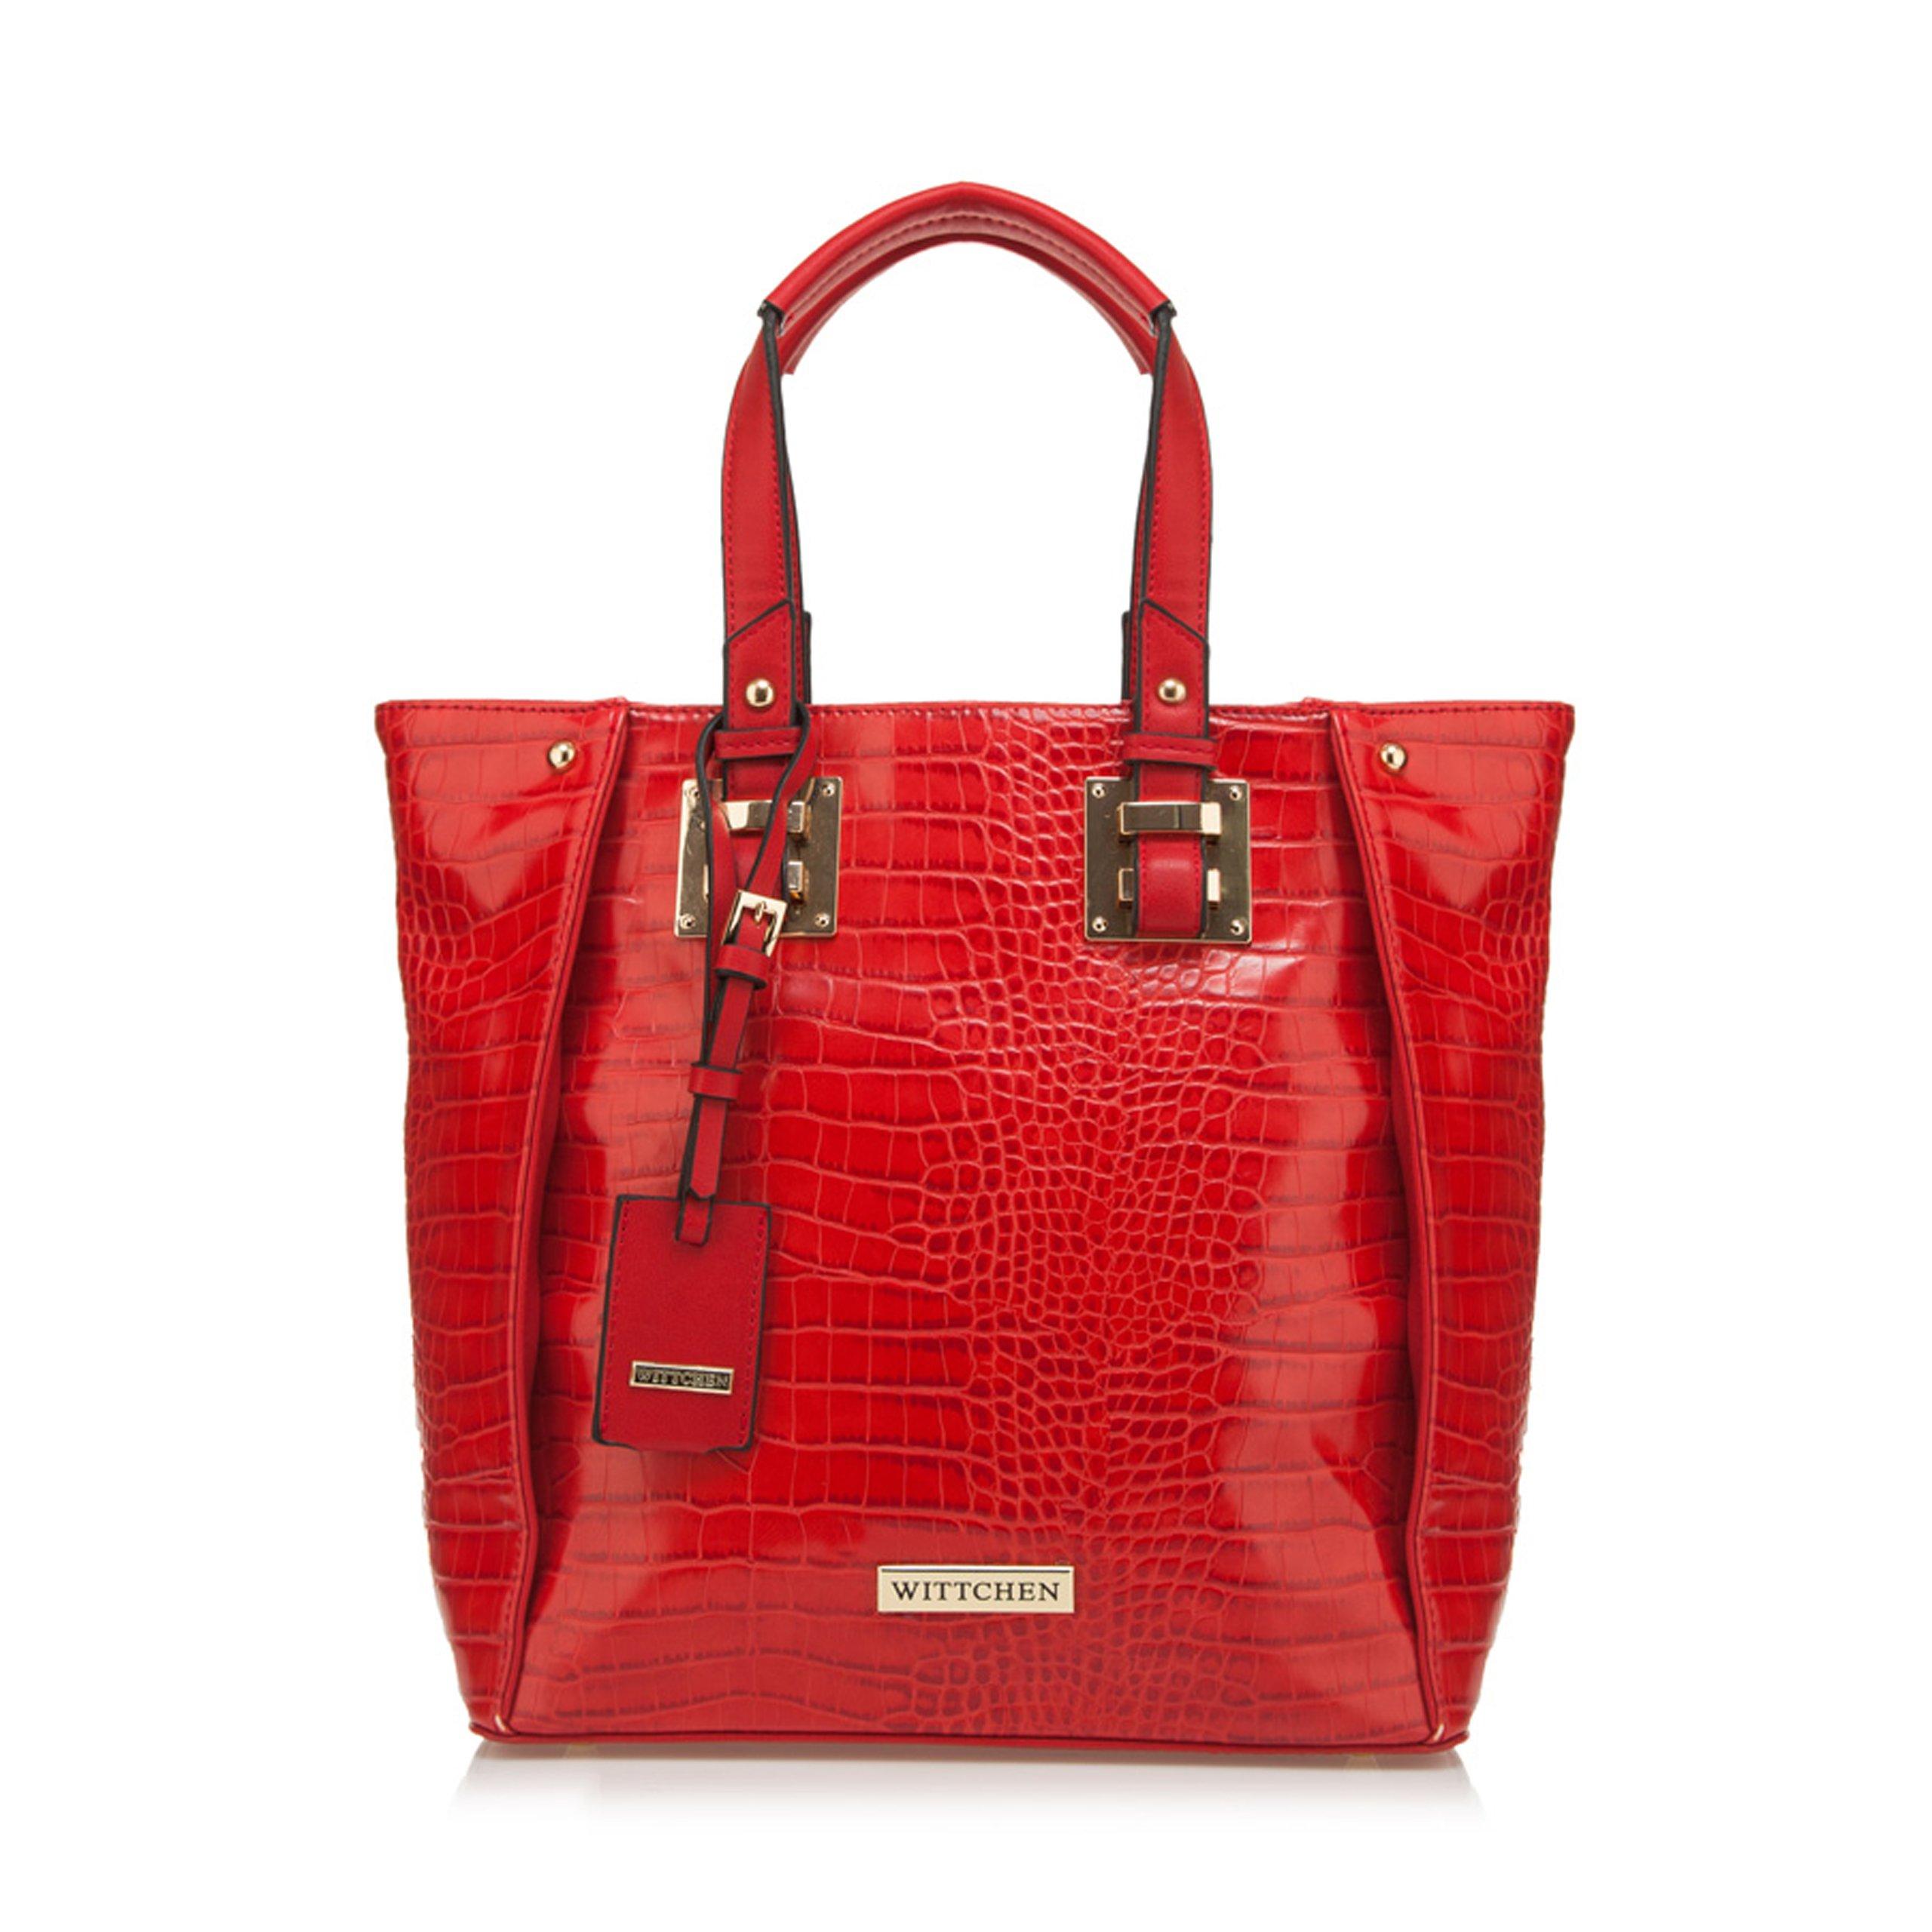 da7a879070ff4 Torebka Wittchen YOUNG Shopper Bag 85-4Y-757-3 - 7038849414 ...